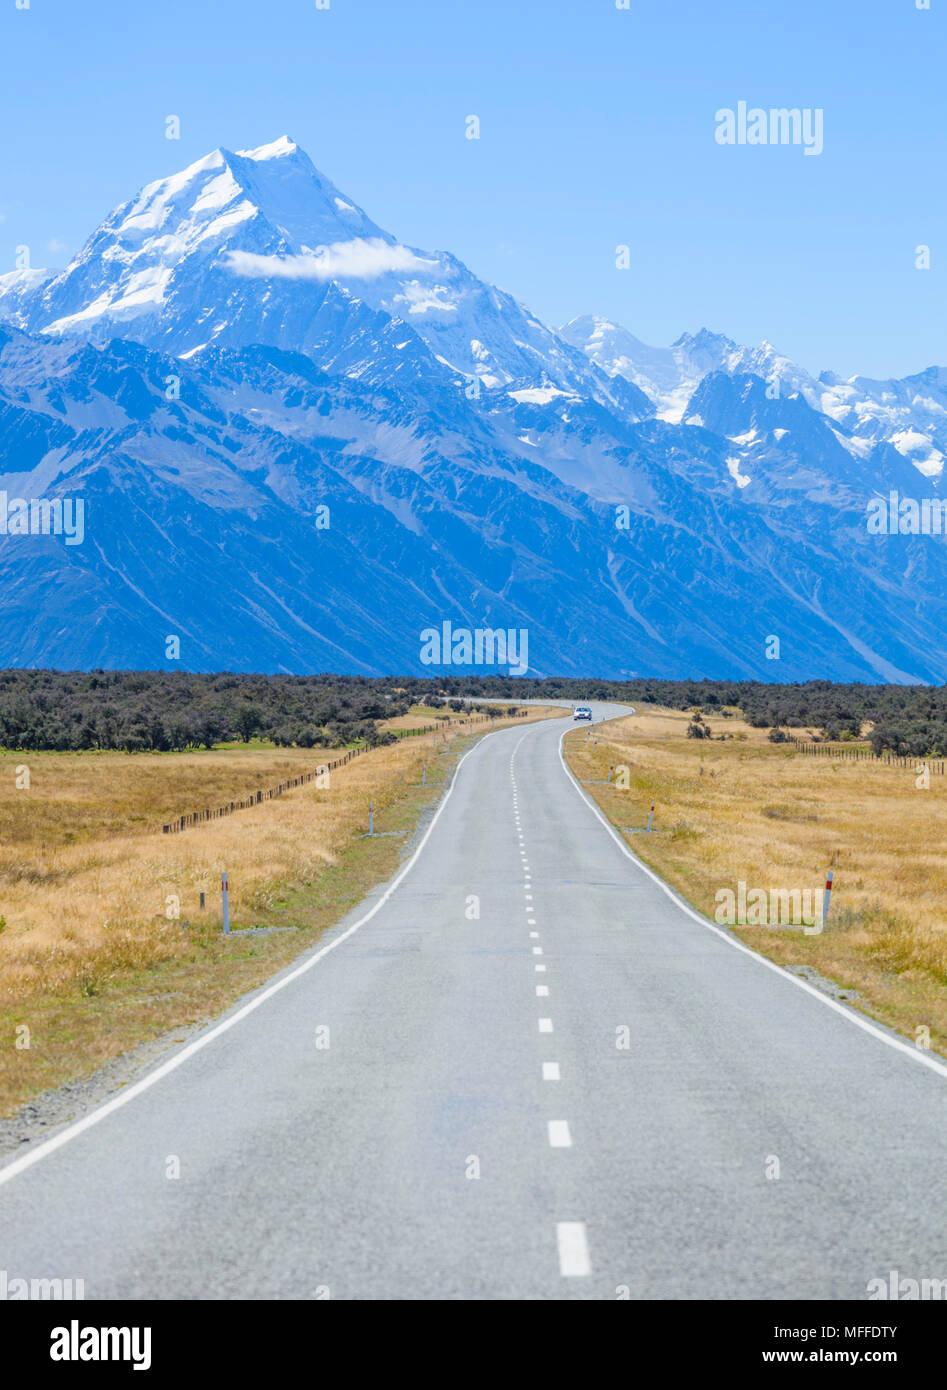 Nueva Zelanda la isla sur de Nueva Zelanda una recta carretera vacía sin tráfico en el parque nacional de Monte Cook nueva zelanda Foto de stock